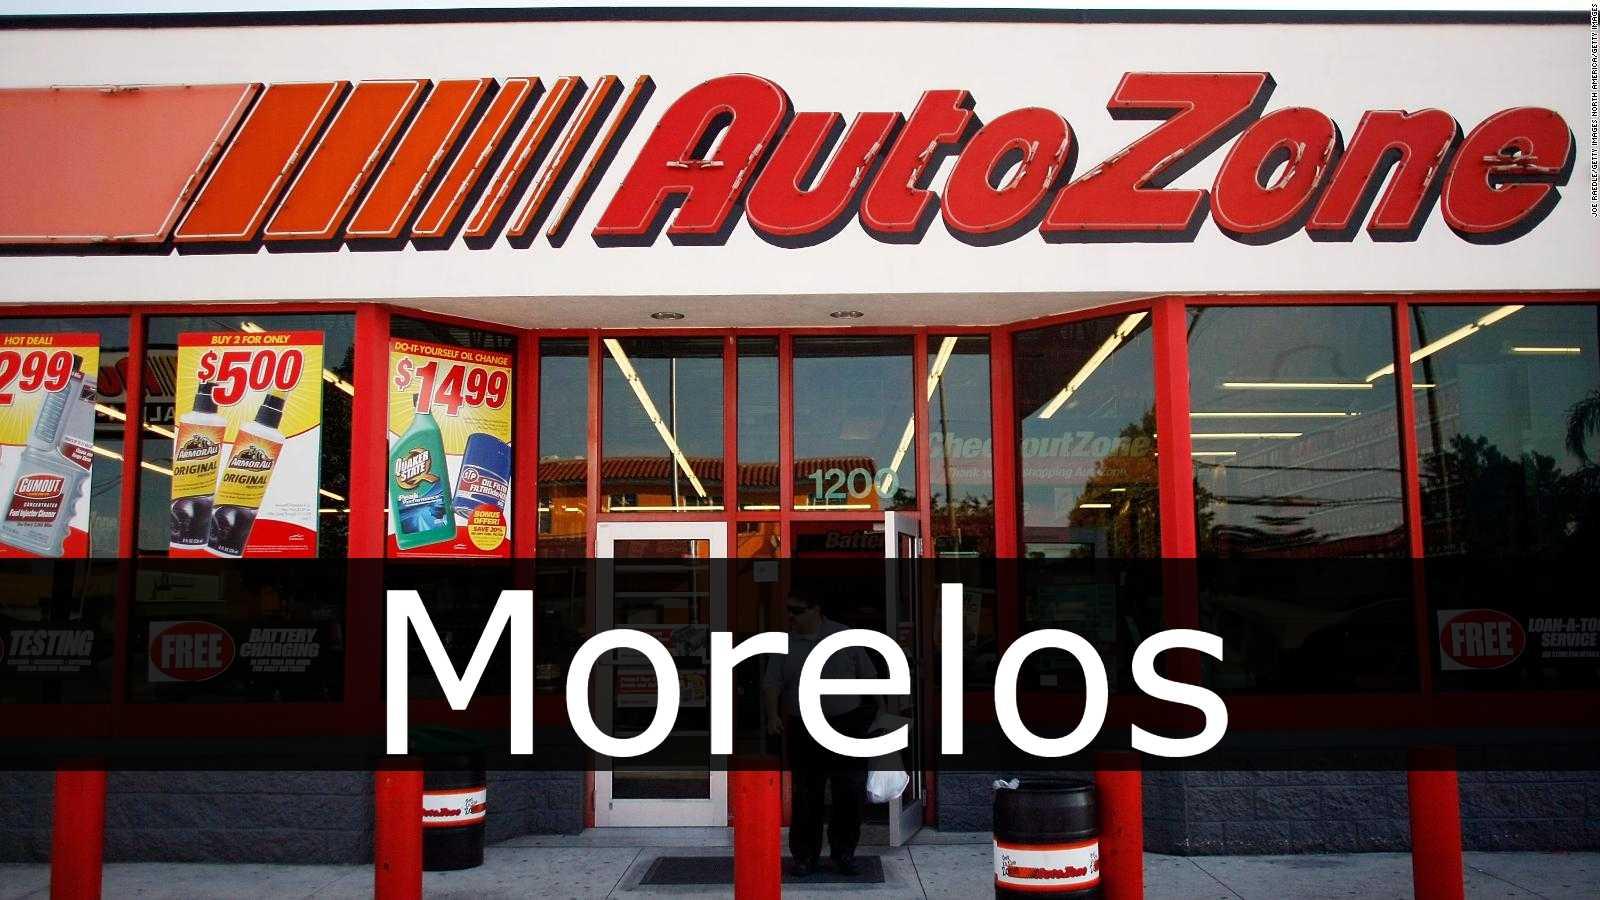 autozone Morelos